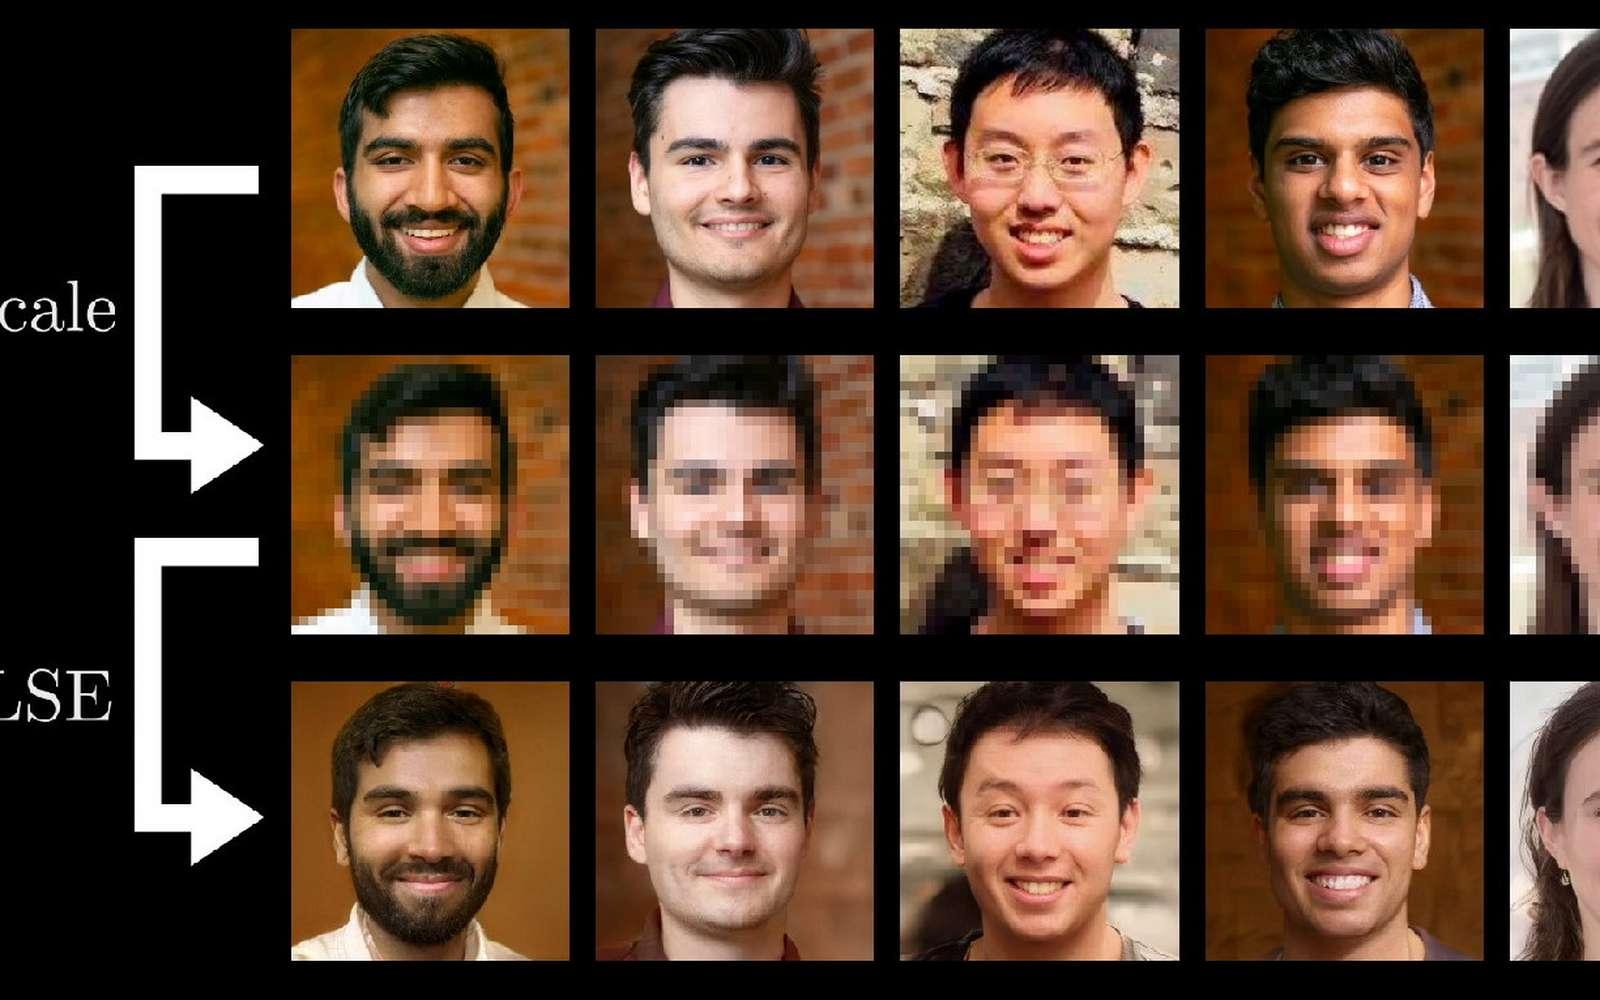 Les chercheurs comparent leurs propres photos avec celles générées par l'IA Pulse à partir de miniatures. © Université Duke